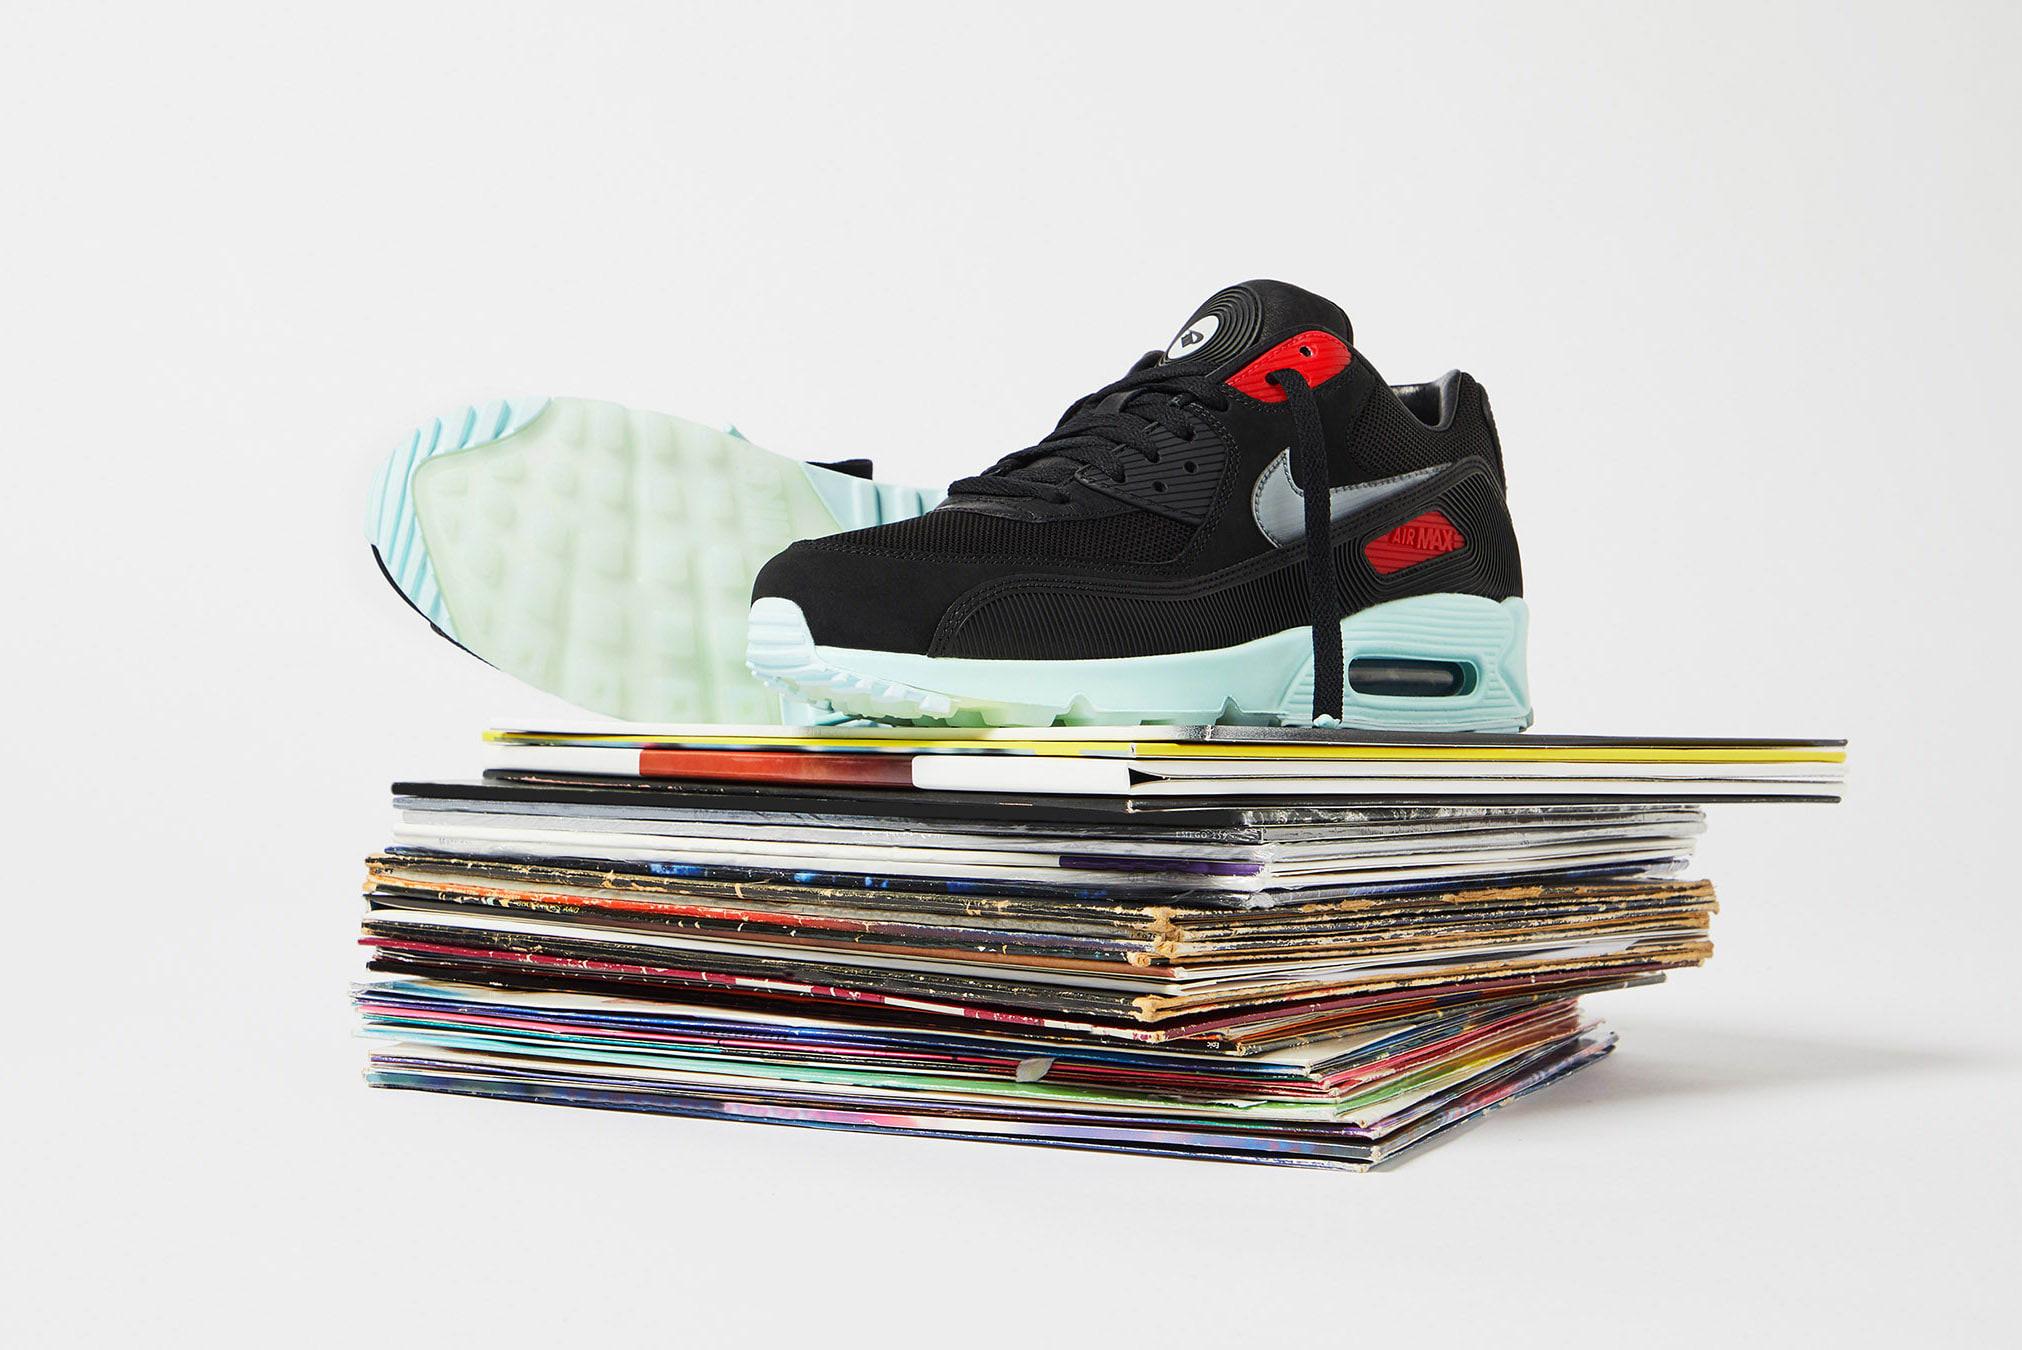 Nike Air Max 90 Premium 'Vinyl' - CK0902-001